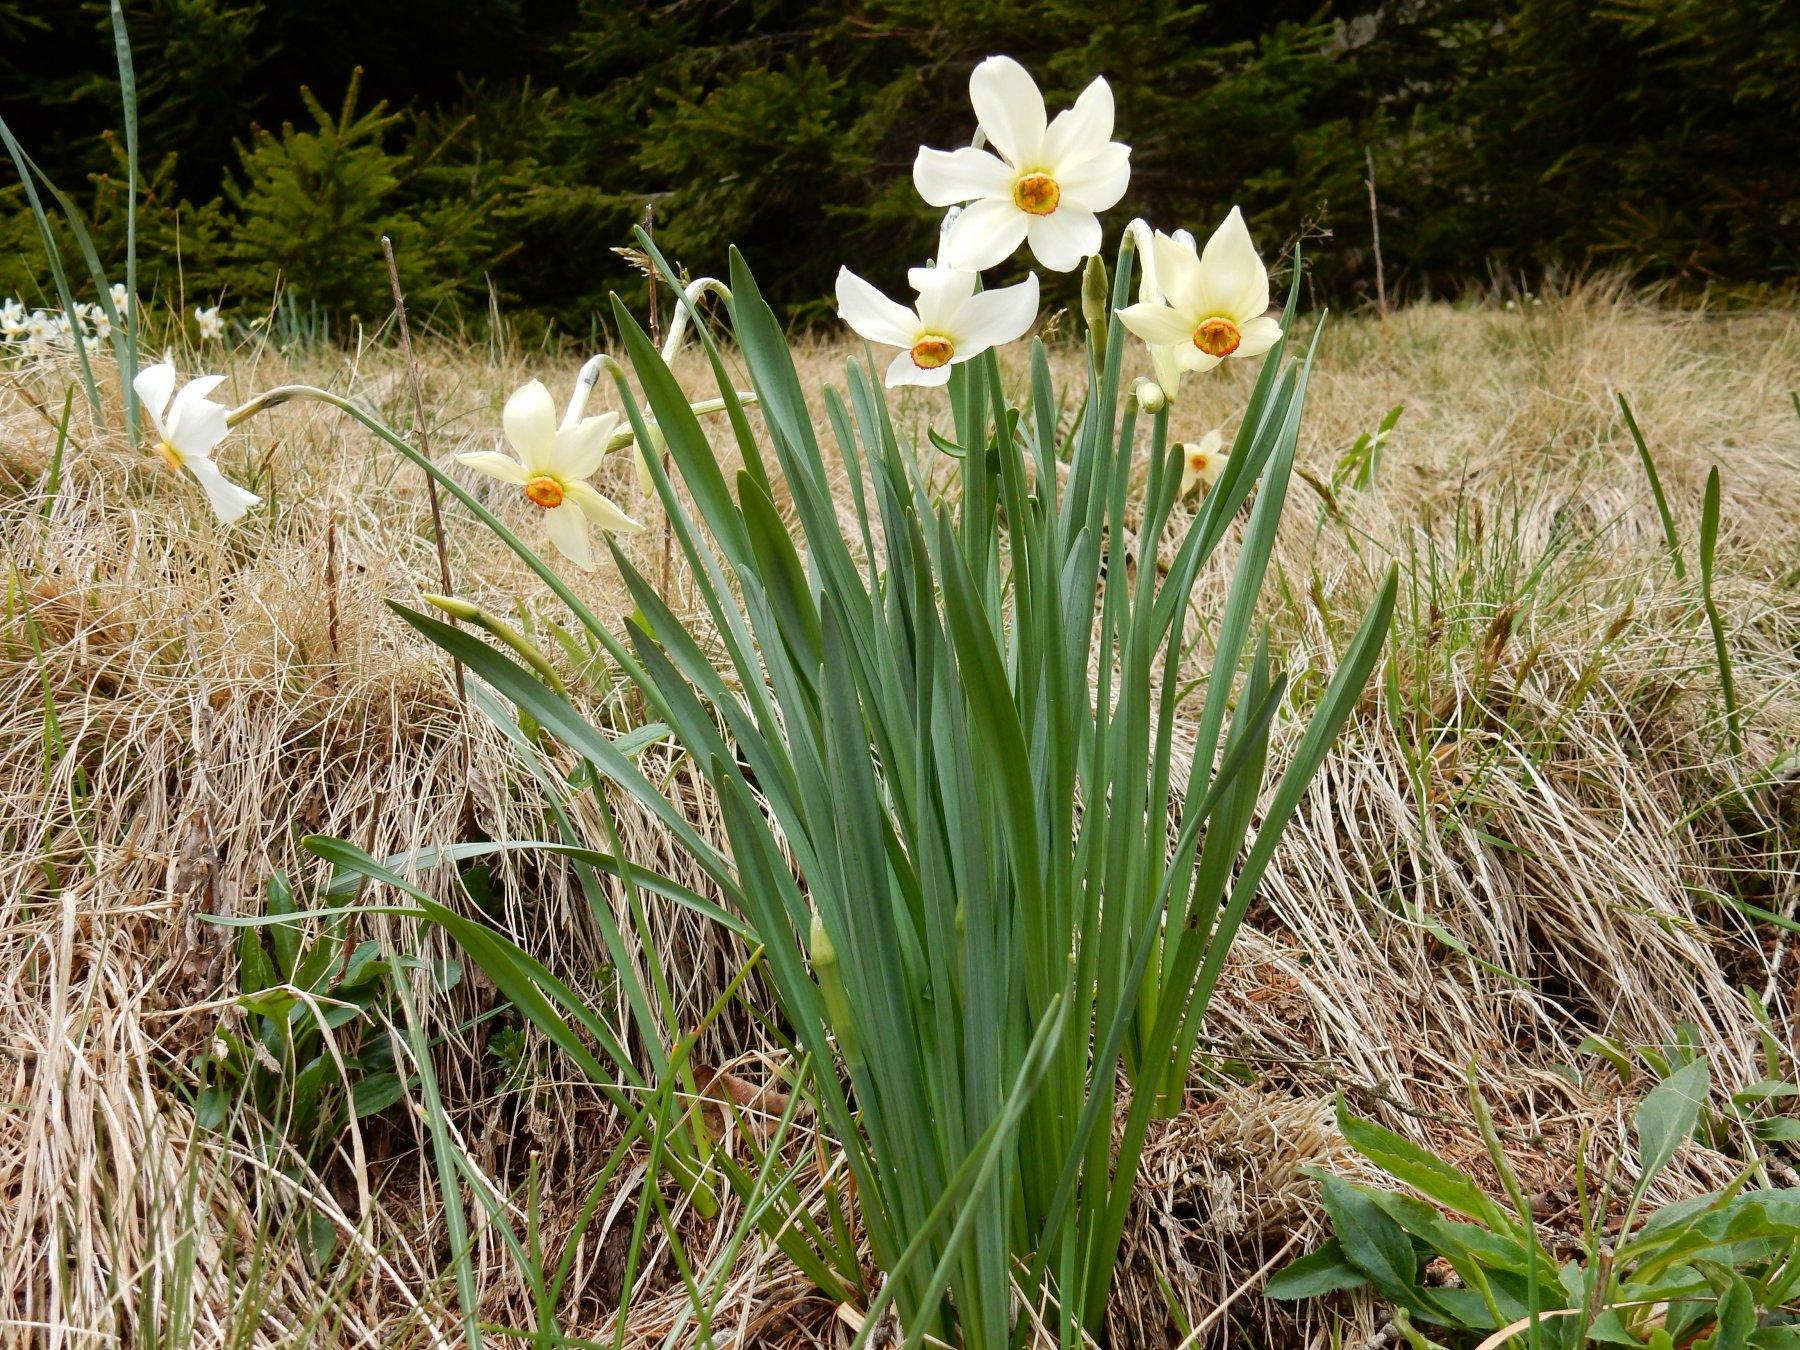 Flora del posto,anche questo fa parte dell'escursione.